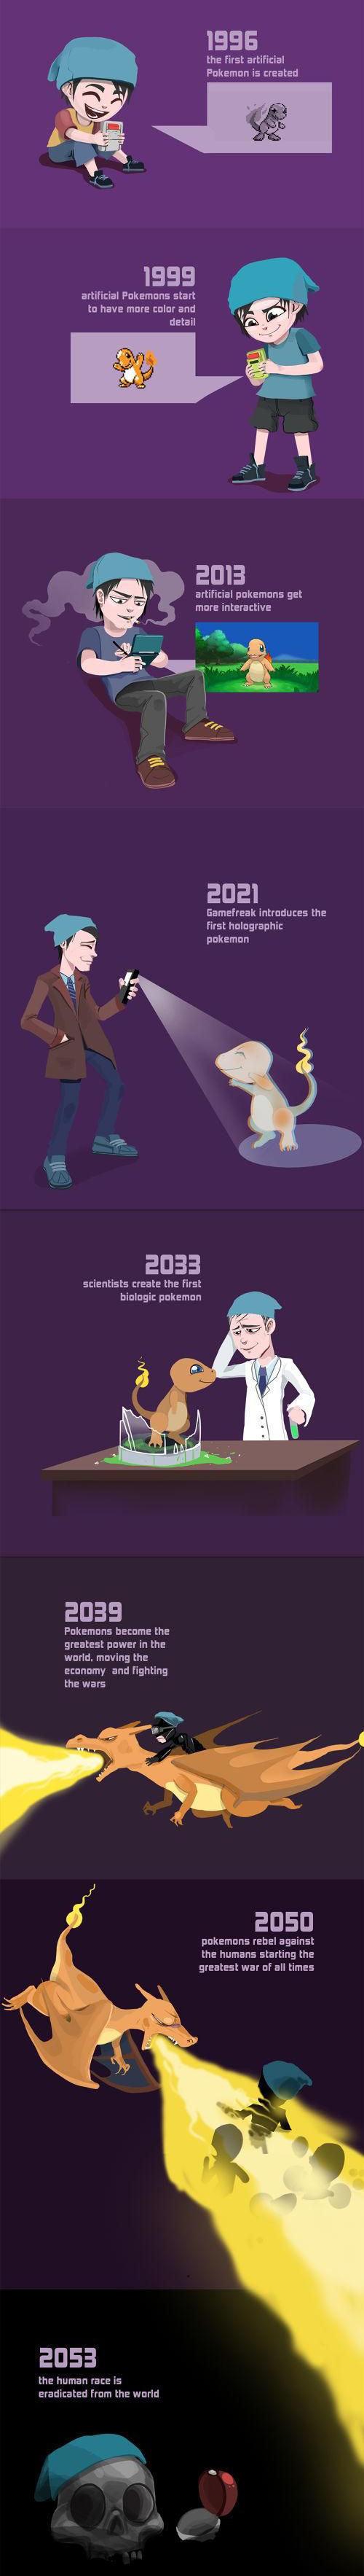 funny-Pokemon-future-history-created